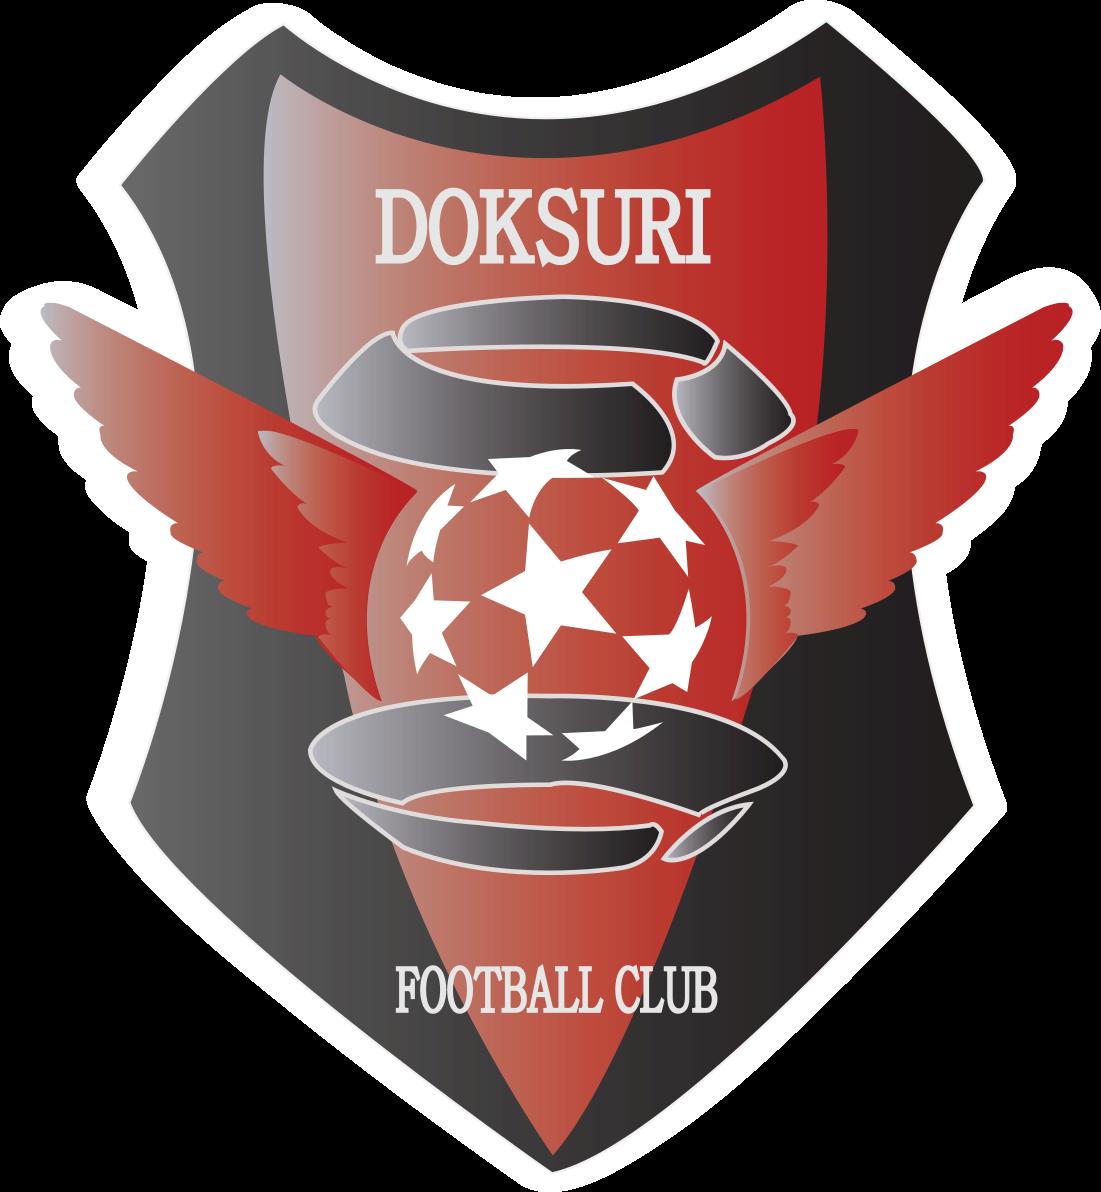 Daejeon Doksuri FC